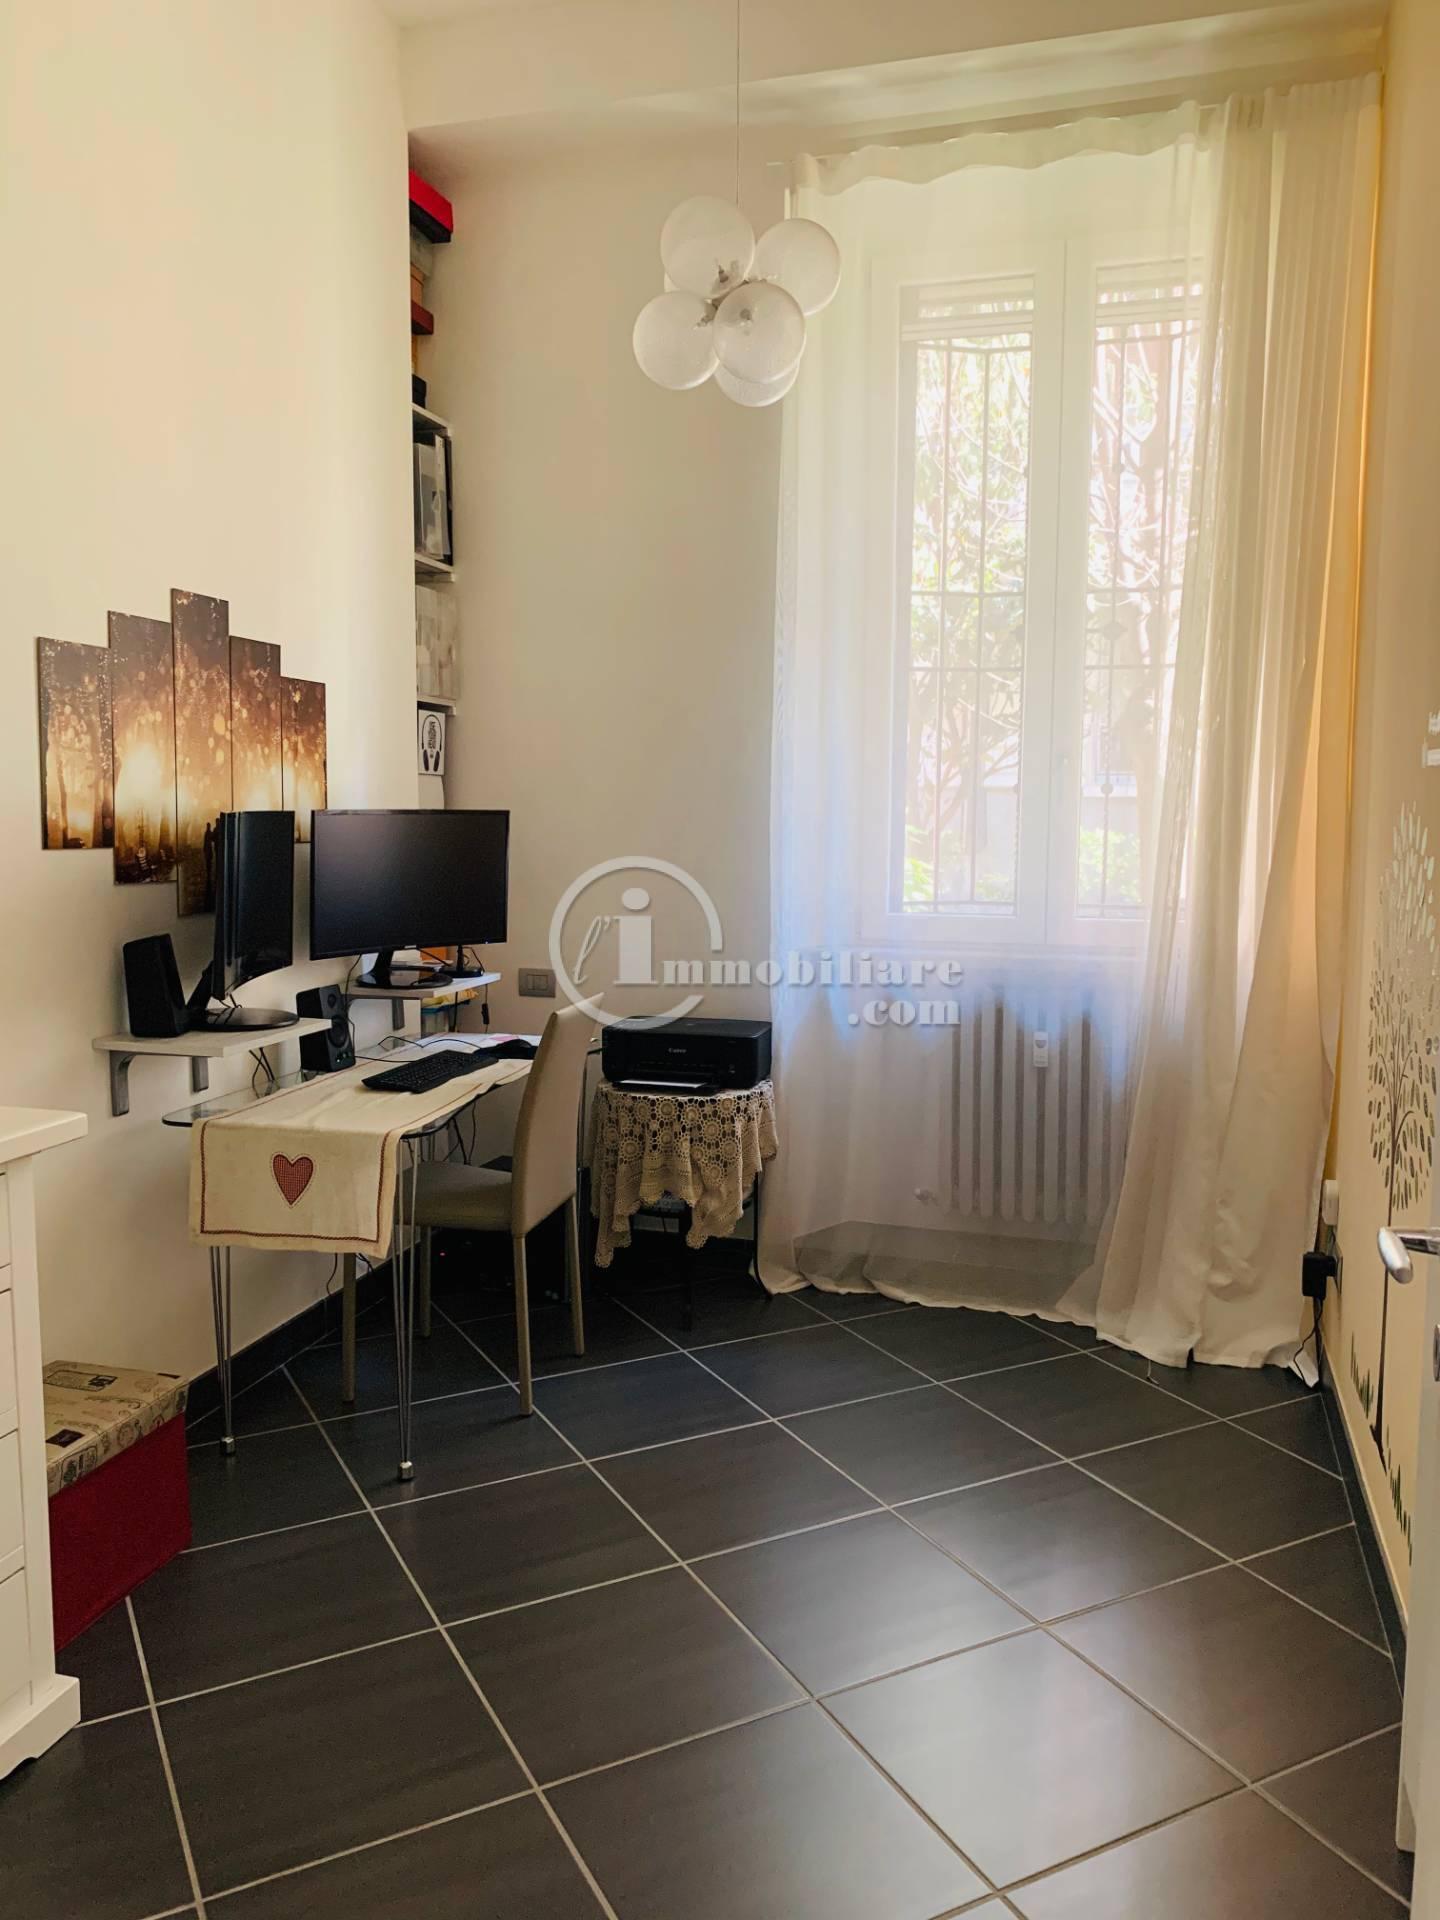 Appartamento in Vendita a Milano: 3 locali, 105 mq - Foto 10